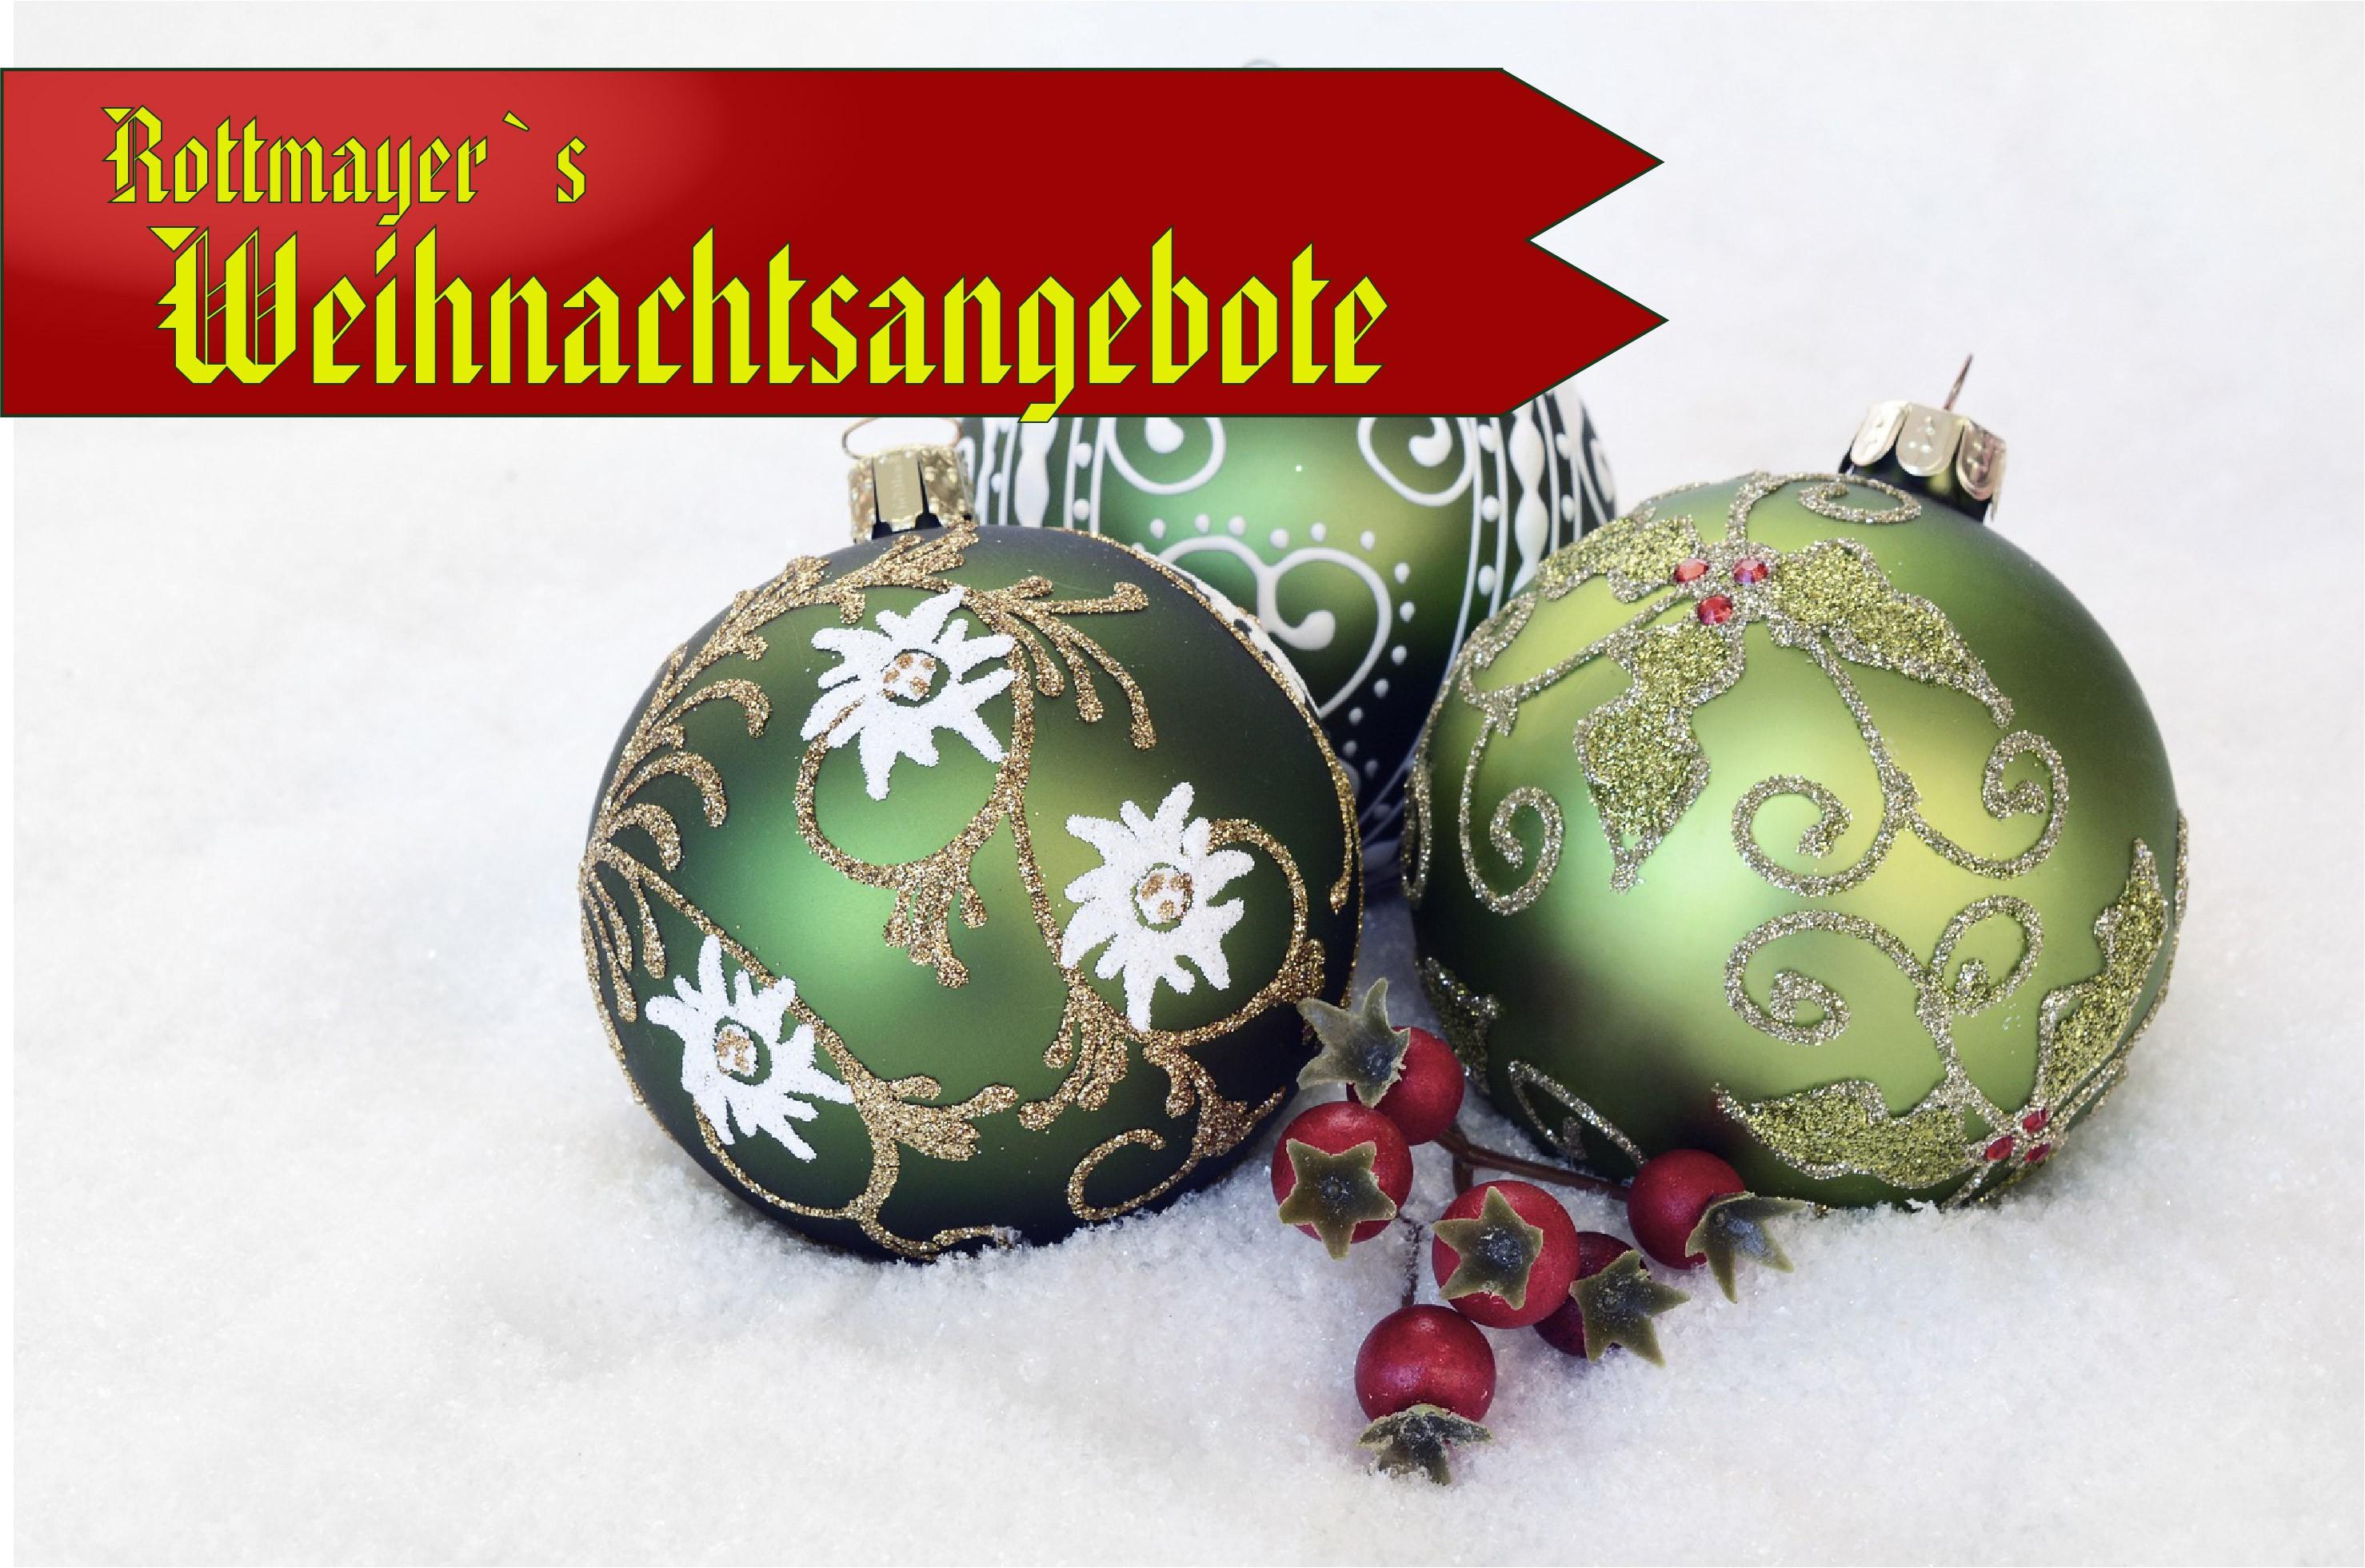 Mit einem Klick zu unseren Angeboten! Frohe Weihnachten!